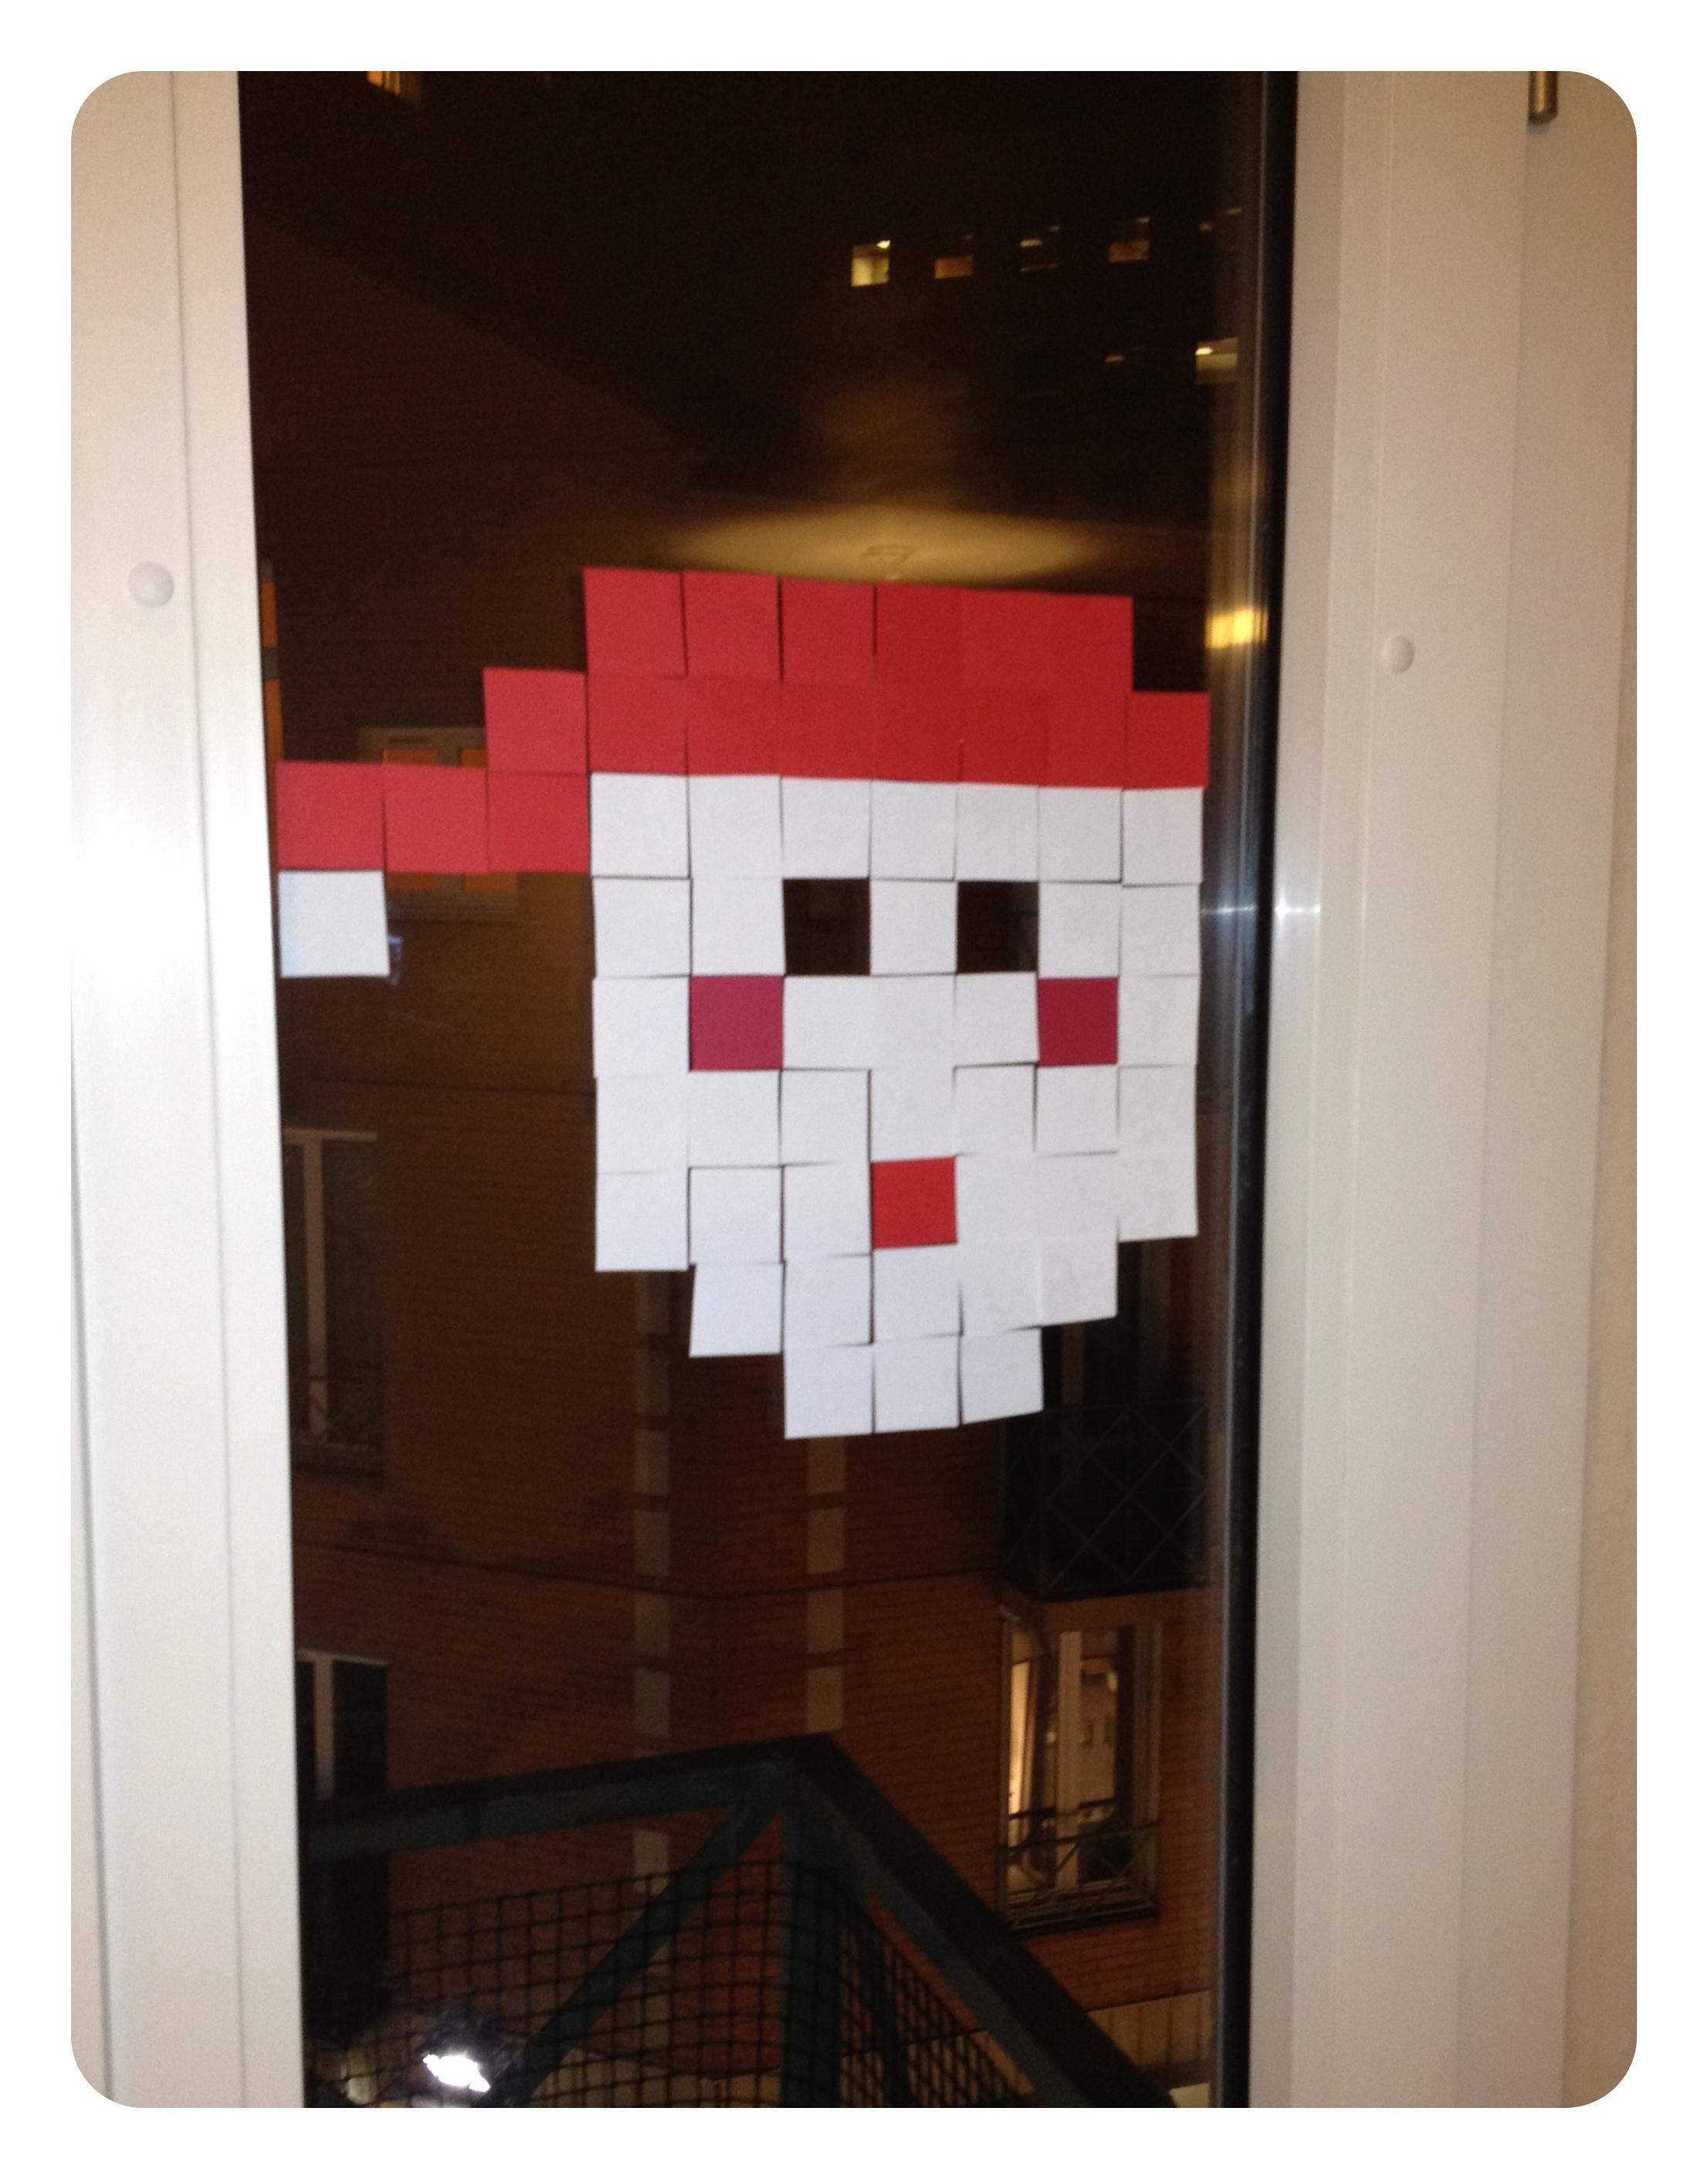 #892D24 DIY : Post It War De Noël 6423 décoration noel fenetre fabriquer 2212x2822 px @ aertt.com